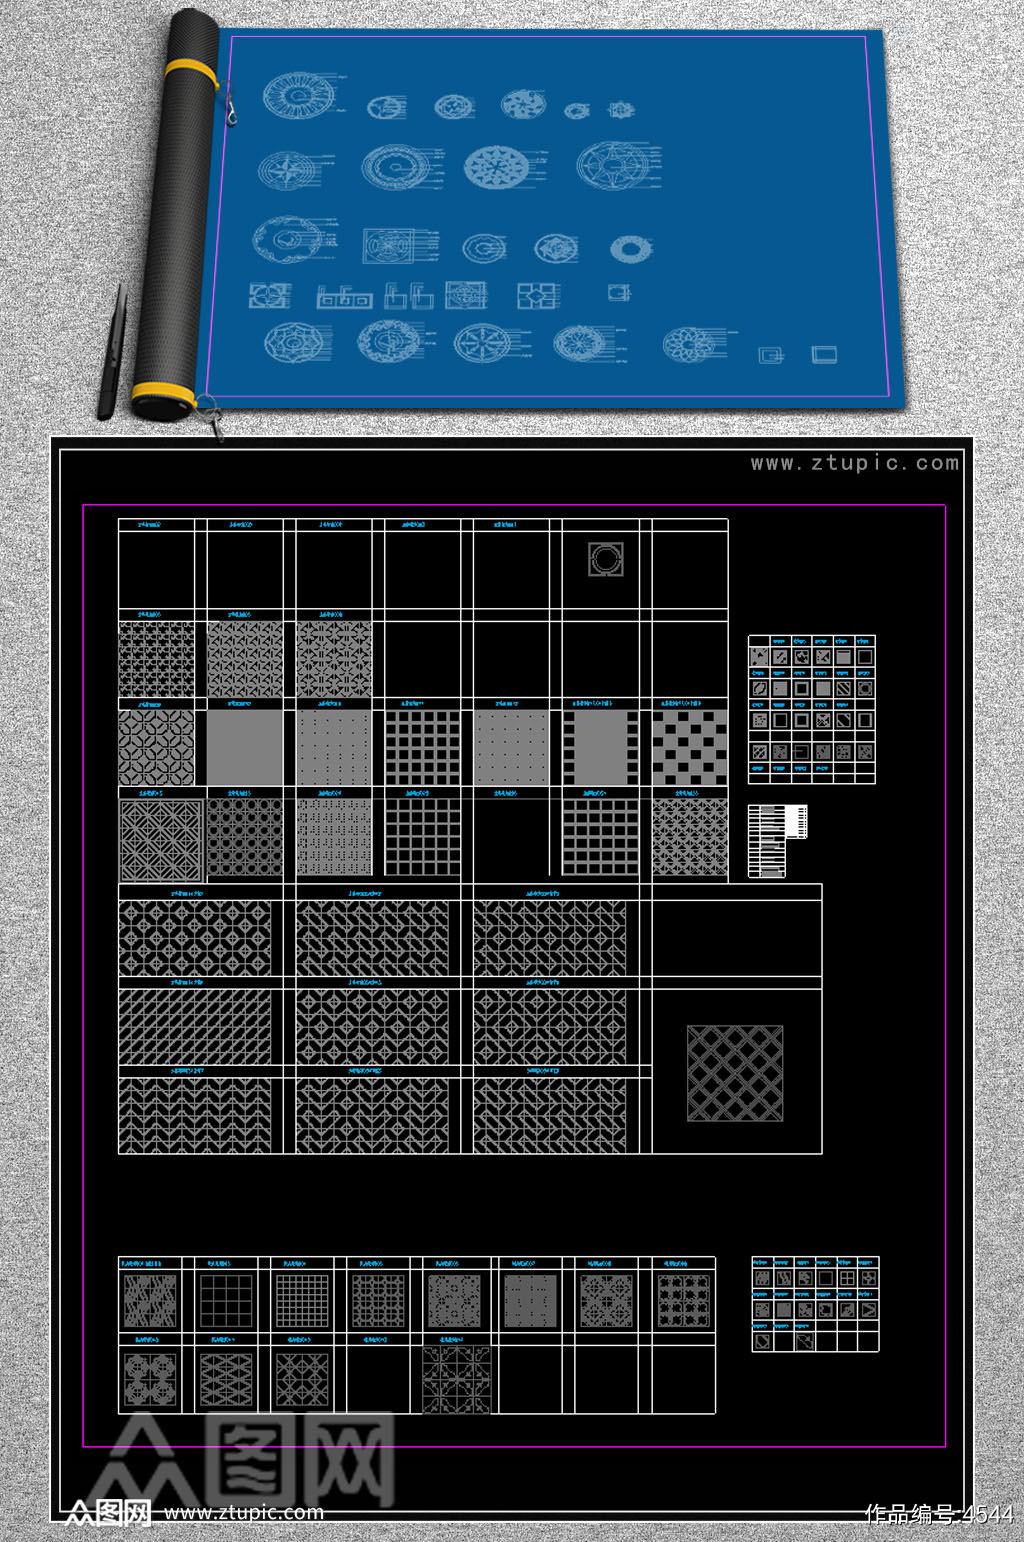 原创2016年CAD款大理石地面拼花CAD地面拼花家装工装下载素材